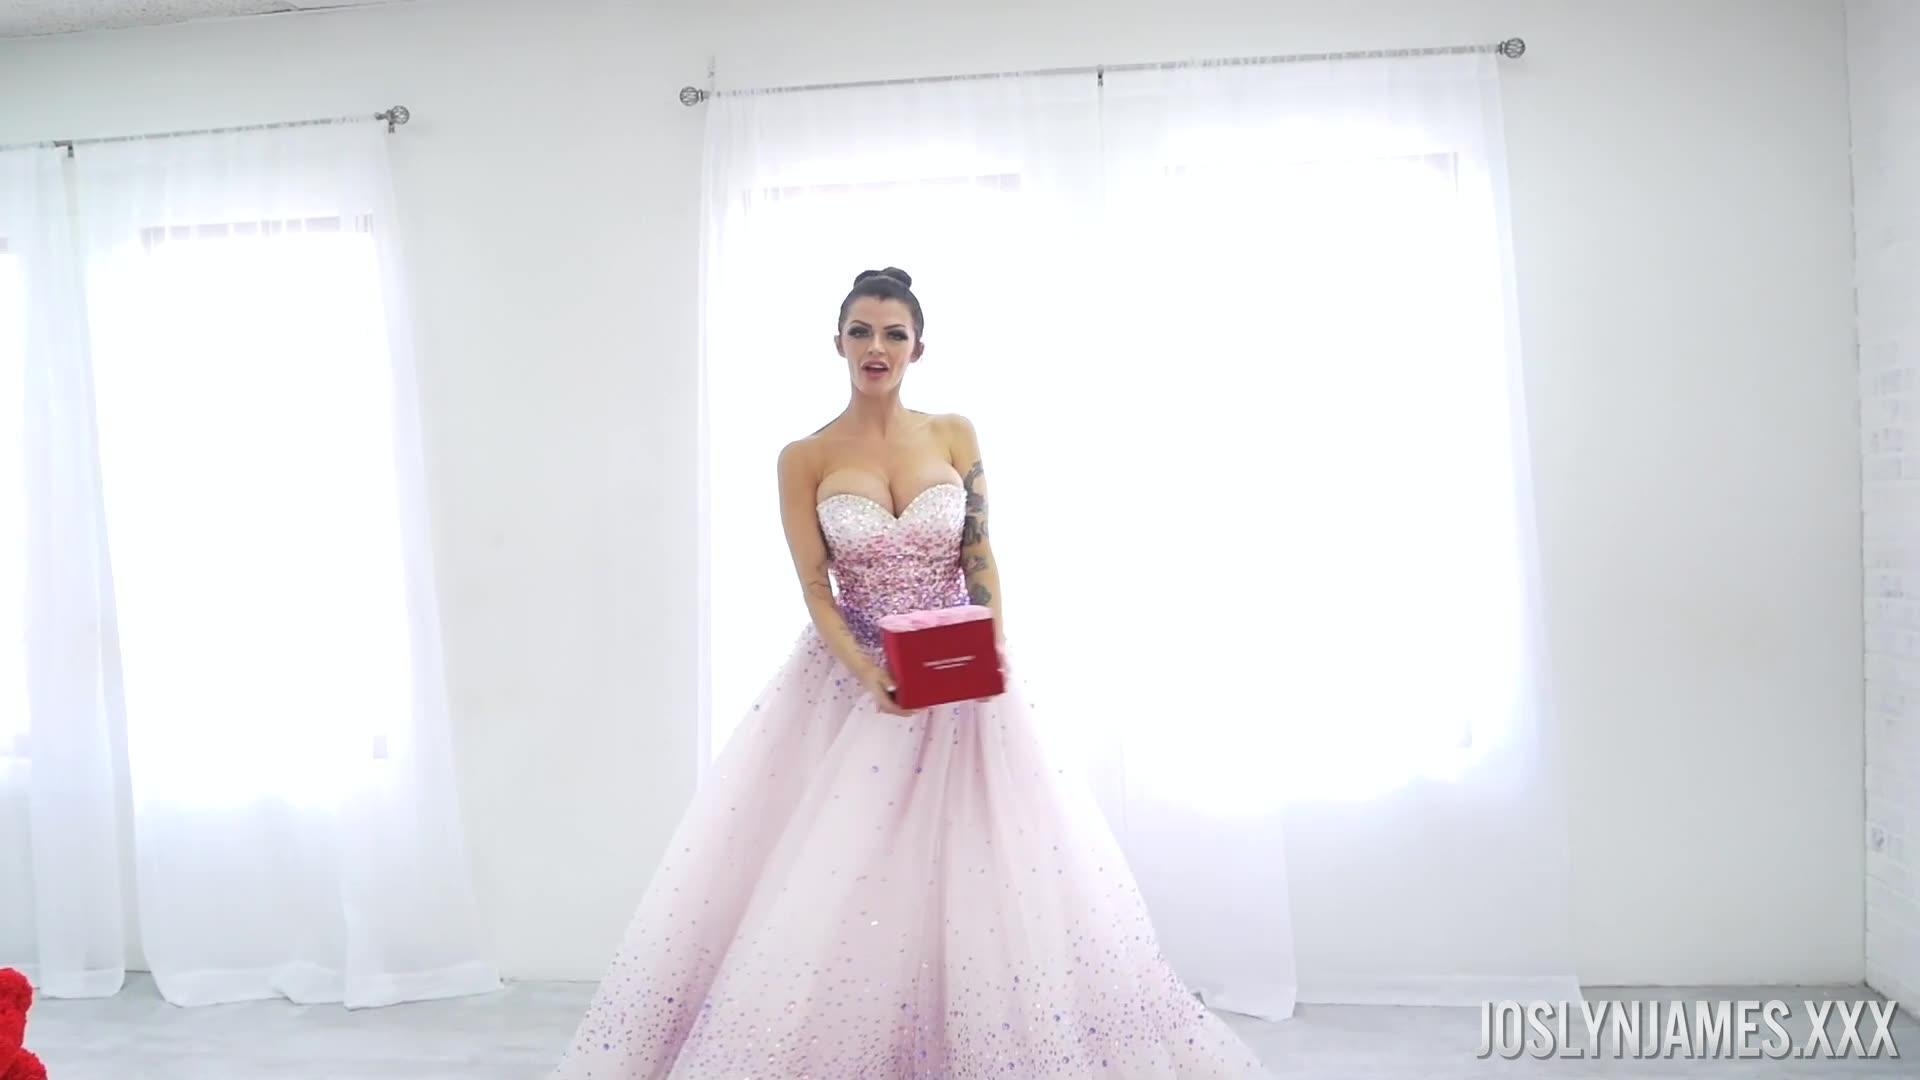 PornstarPlatinum 20 09 05 Joslyn James in Ball Gown Love XXX 1080p MP4-OiLED